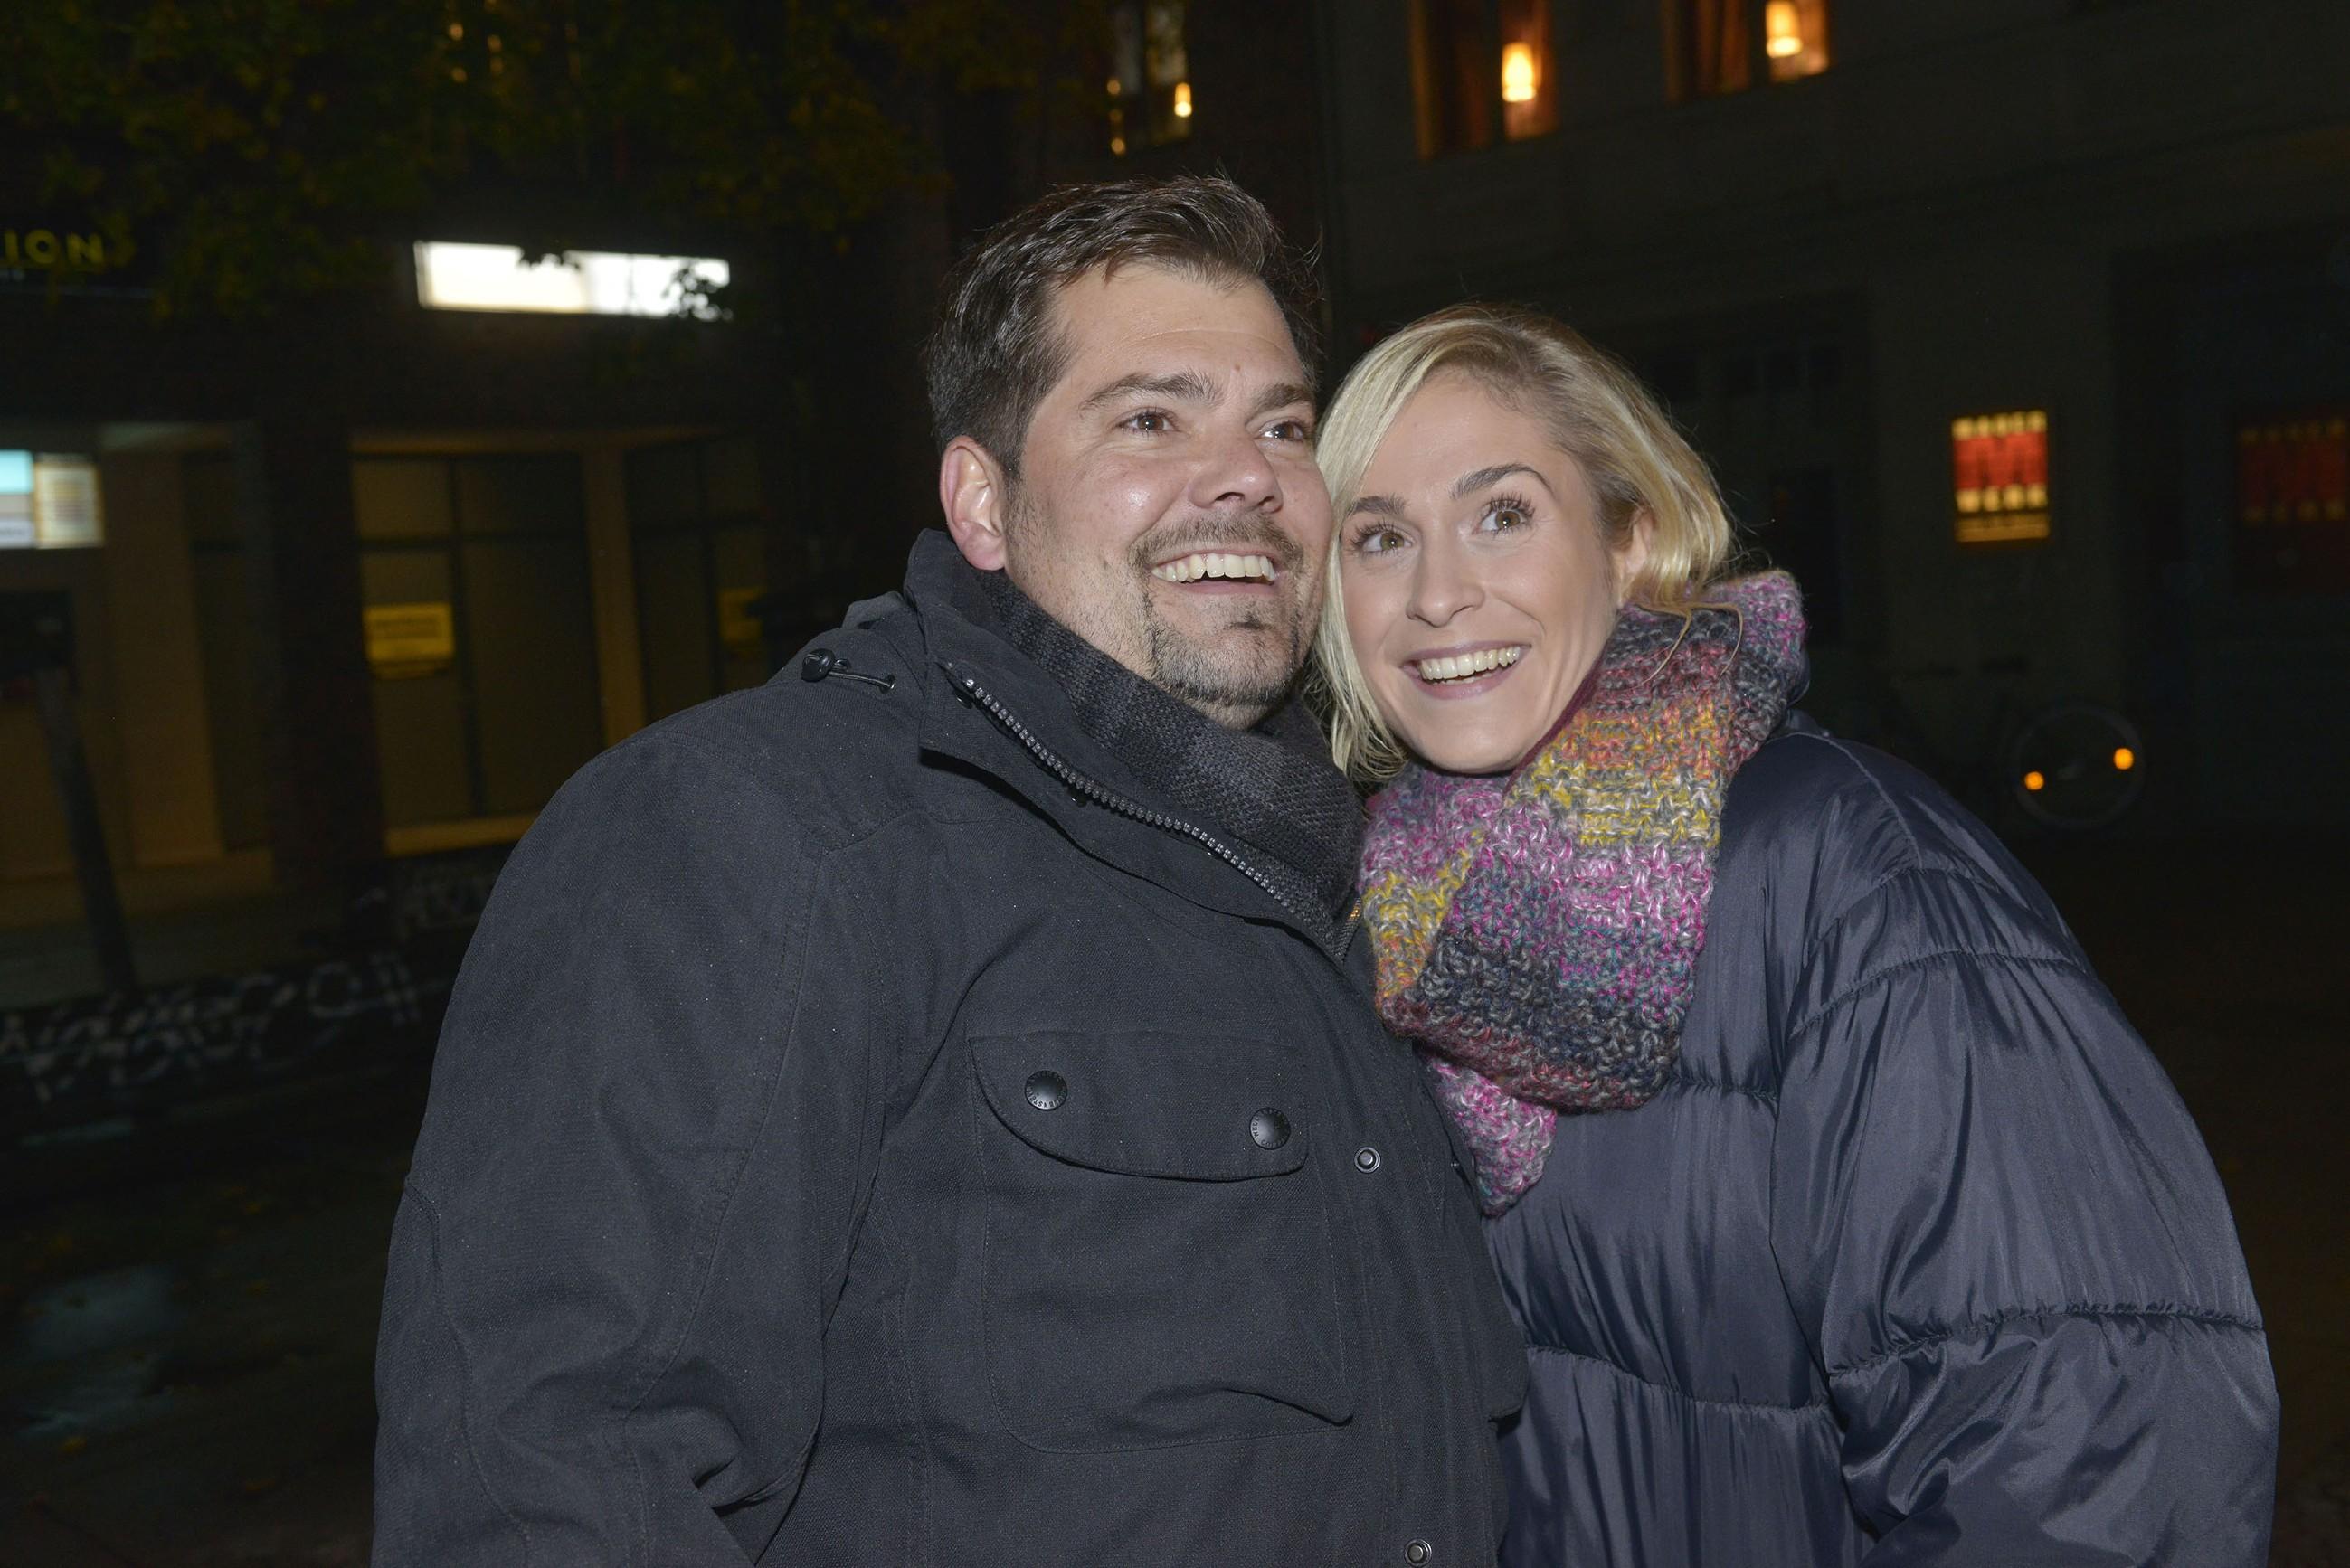 Leon (Daniel Fehlow) und Sophie (Lea Marlen Woitack) feiern glücklich Silvester und hoffen auf ein sorgenfreies und gesundes neues Jahr. (Quelle: RTL / Rolf Baumgartner)